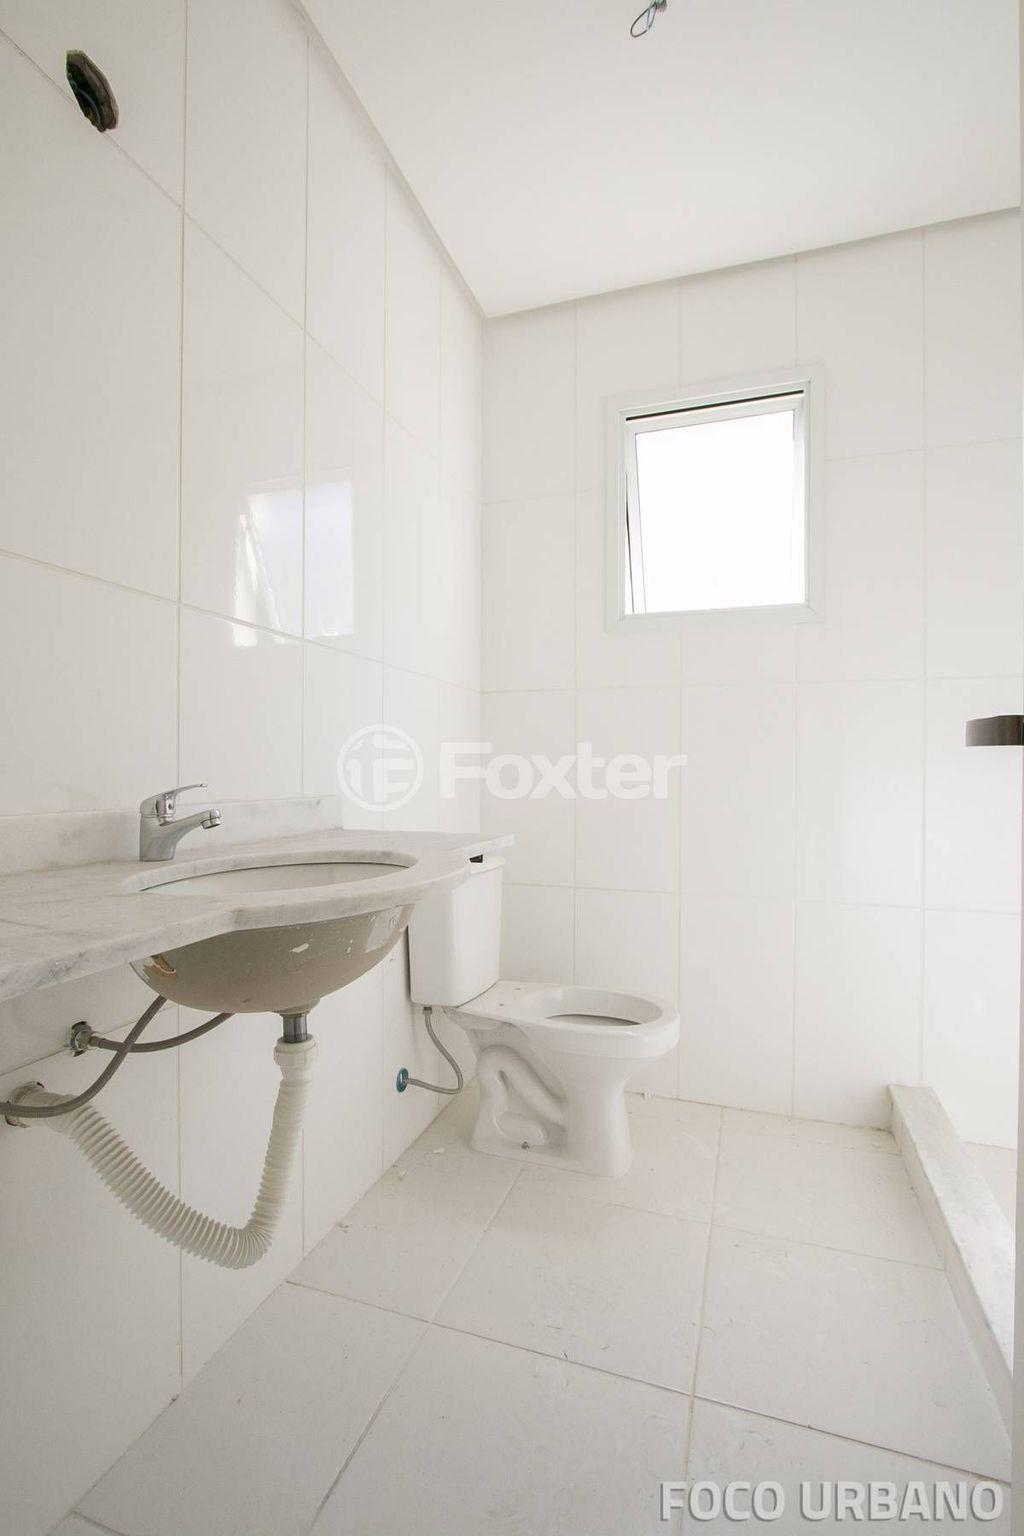 Foxter Imobiliária - Casa 3 Dorm, Pedra Redonda - Foto 30